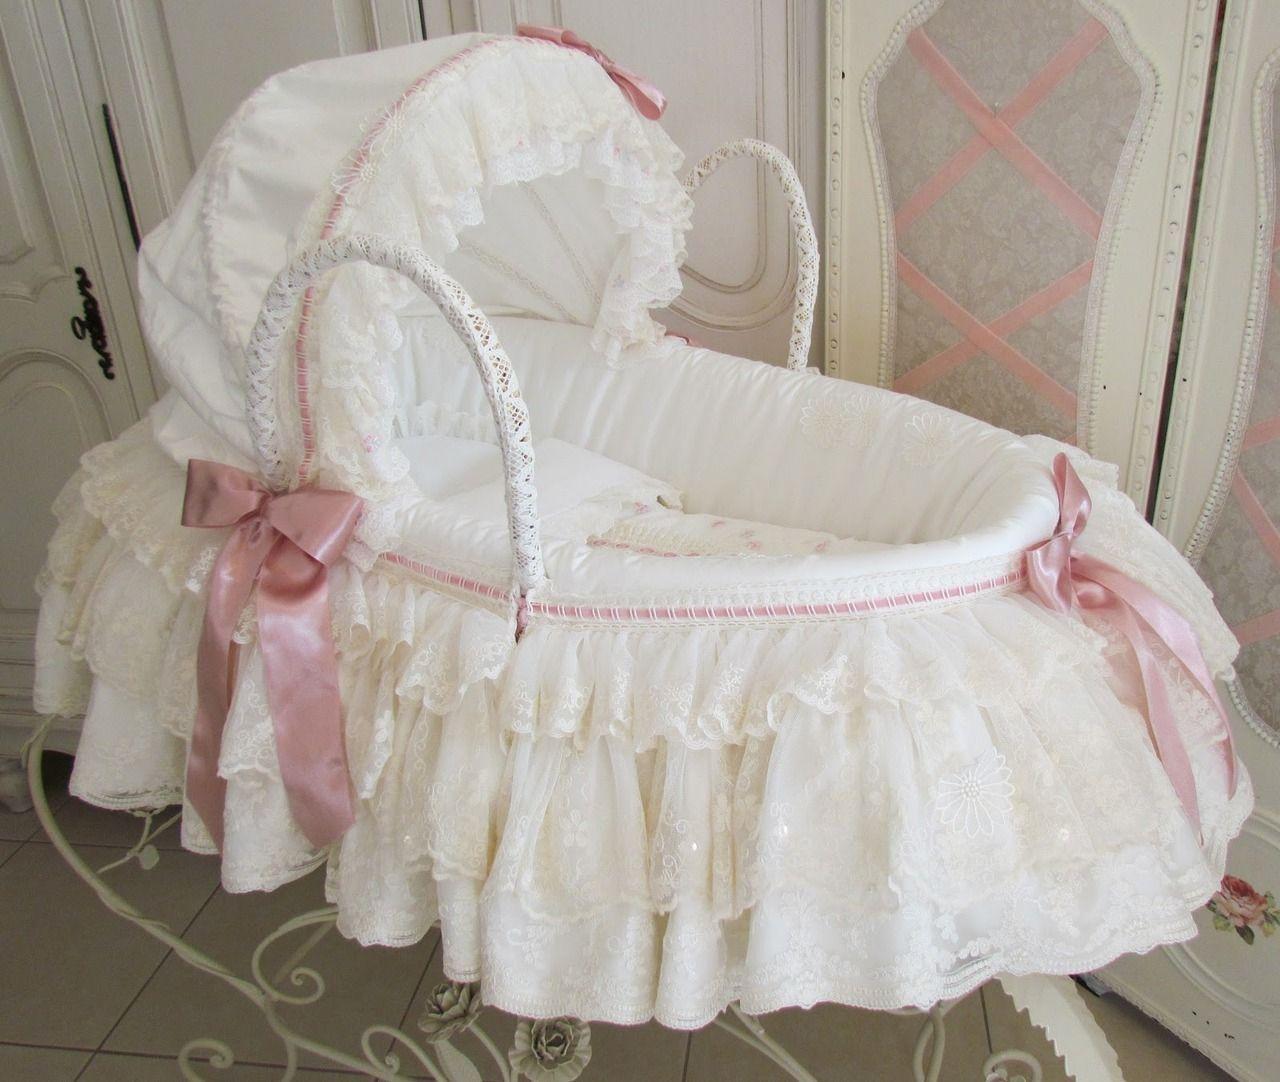 Baby girl | Culle per bambini, Culle per neonati e Bebè